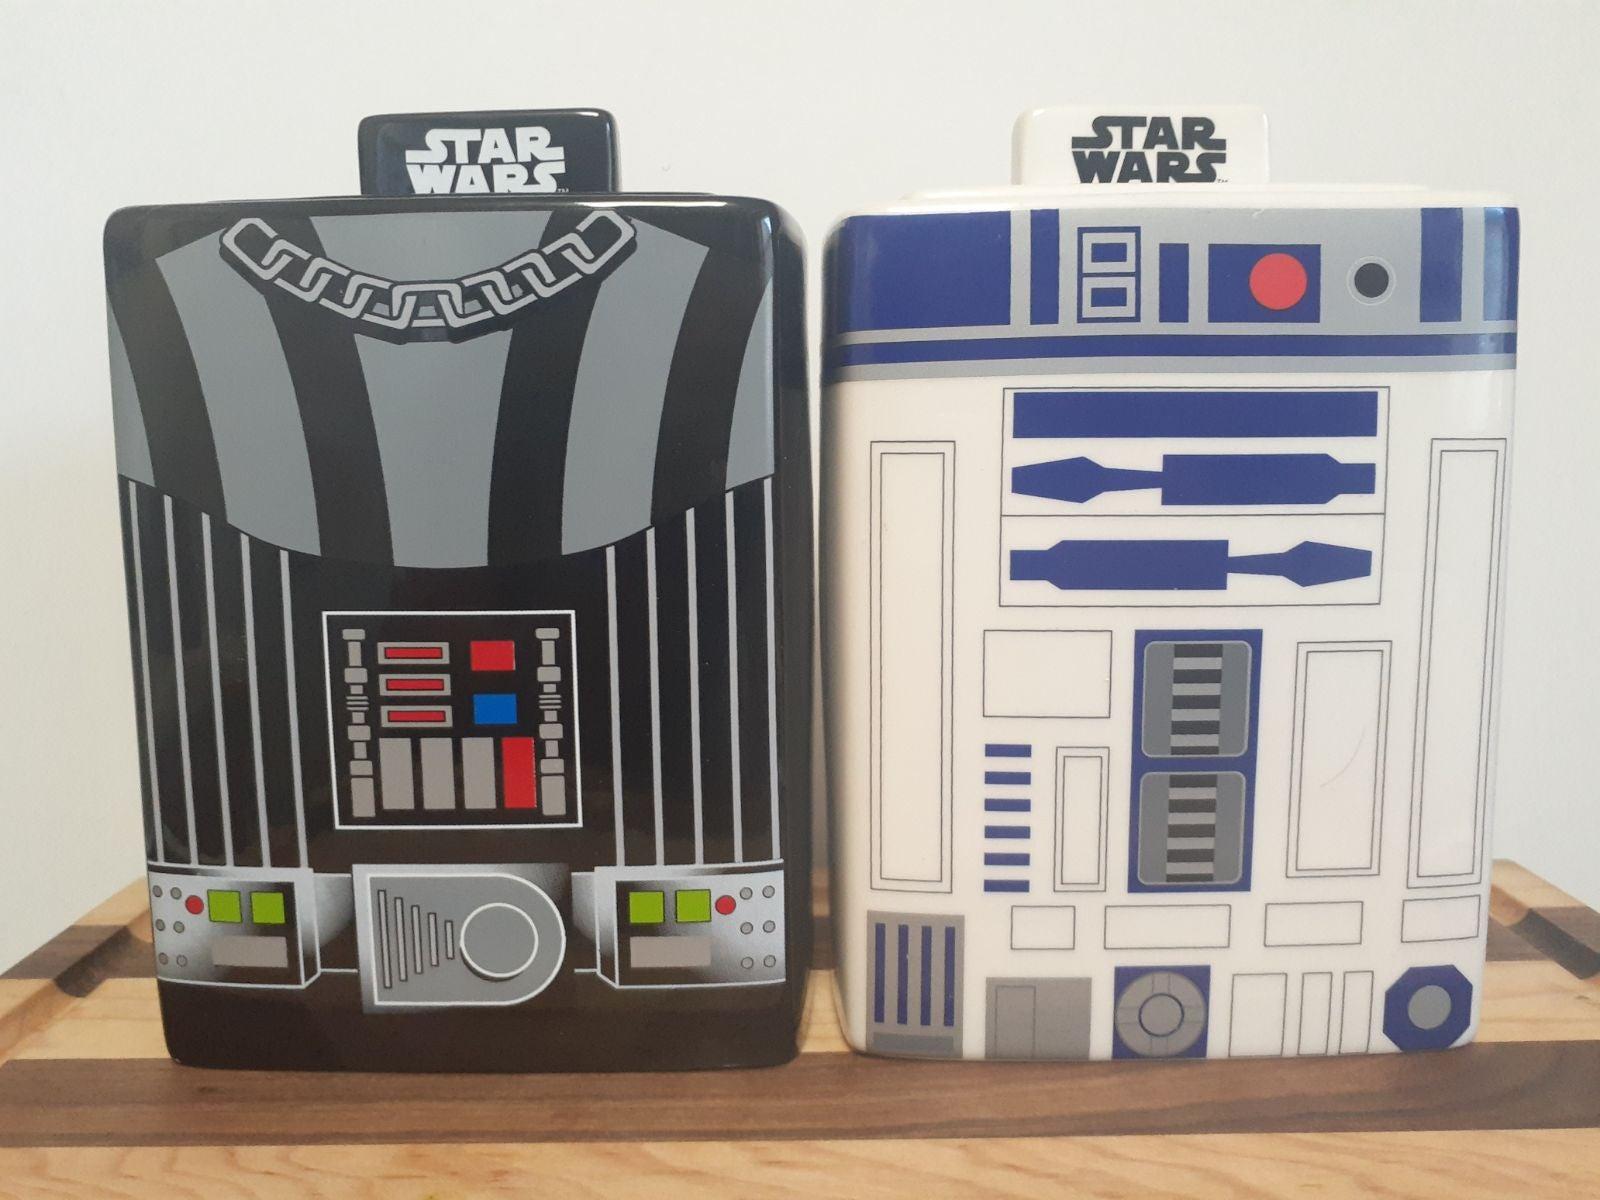 Star Wars Jars / Cookie Jars